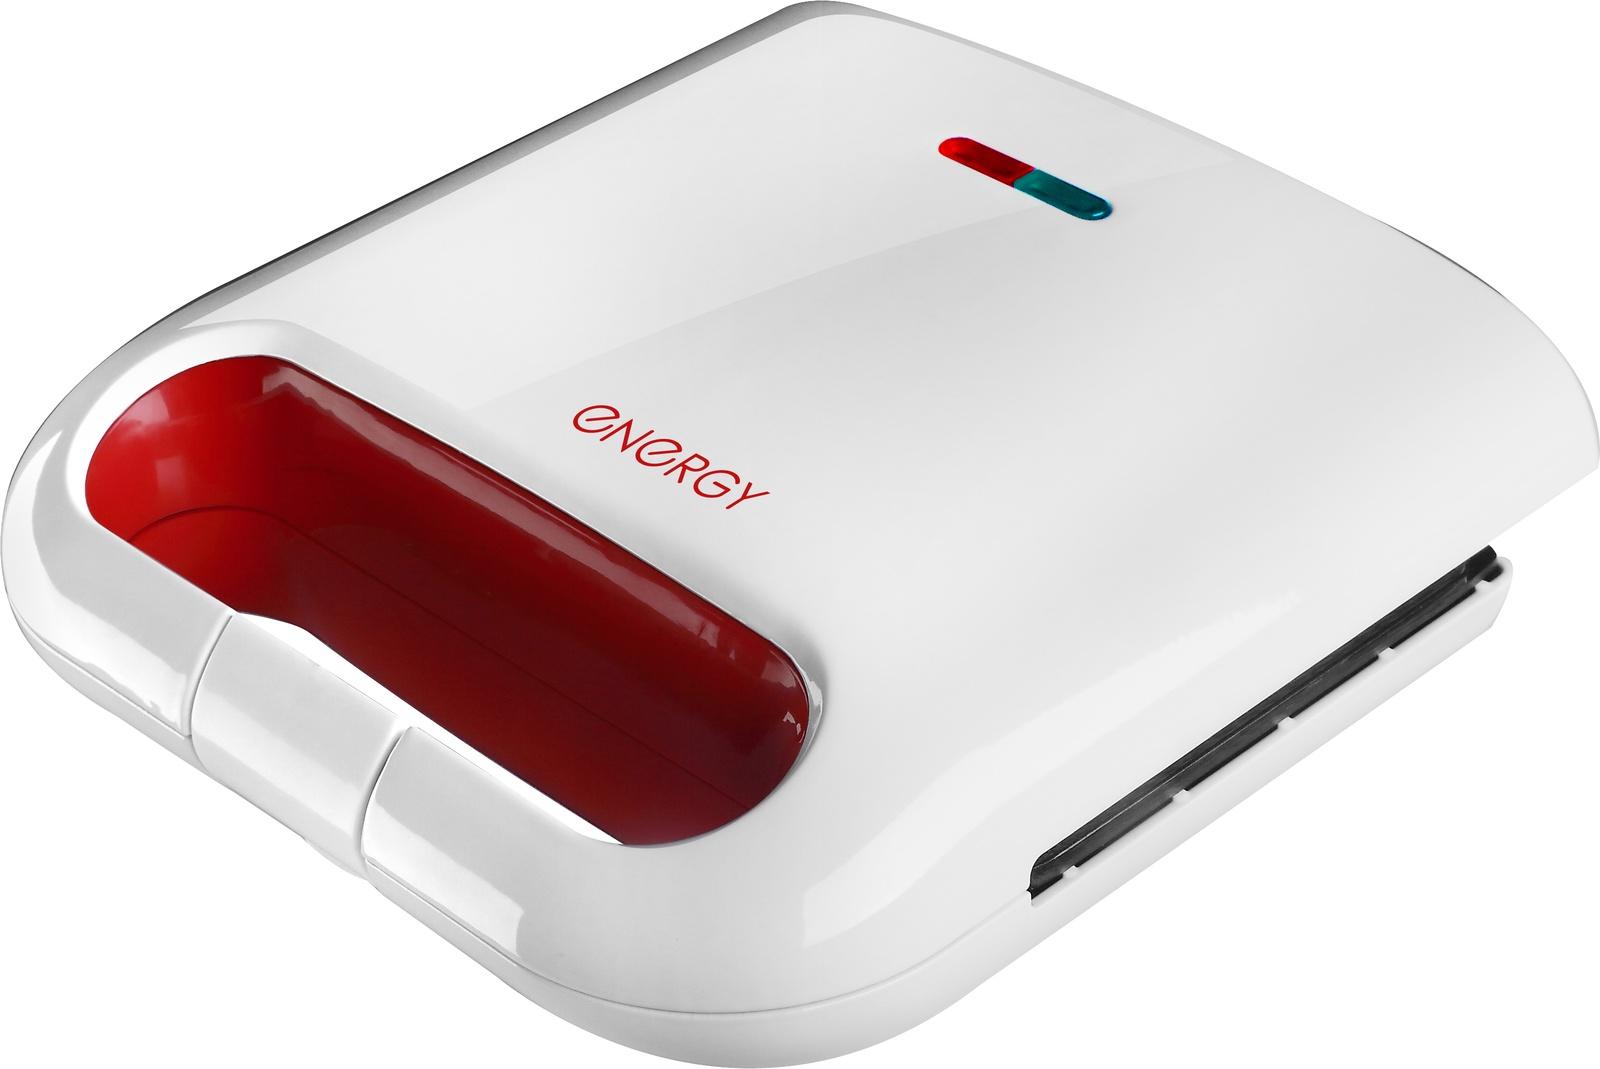 Сэндвич-тостер ENERGY EN-281, 54 152477, бело-красный